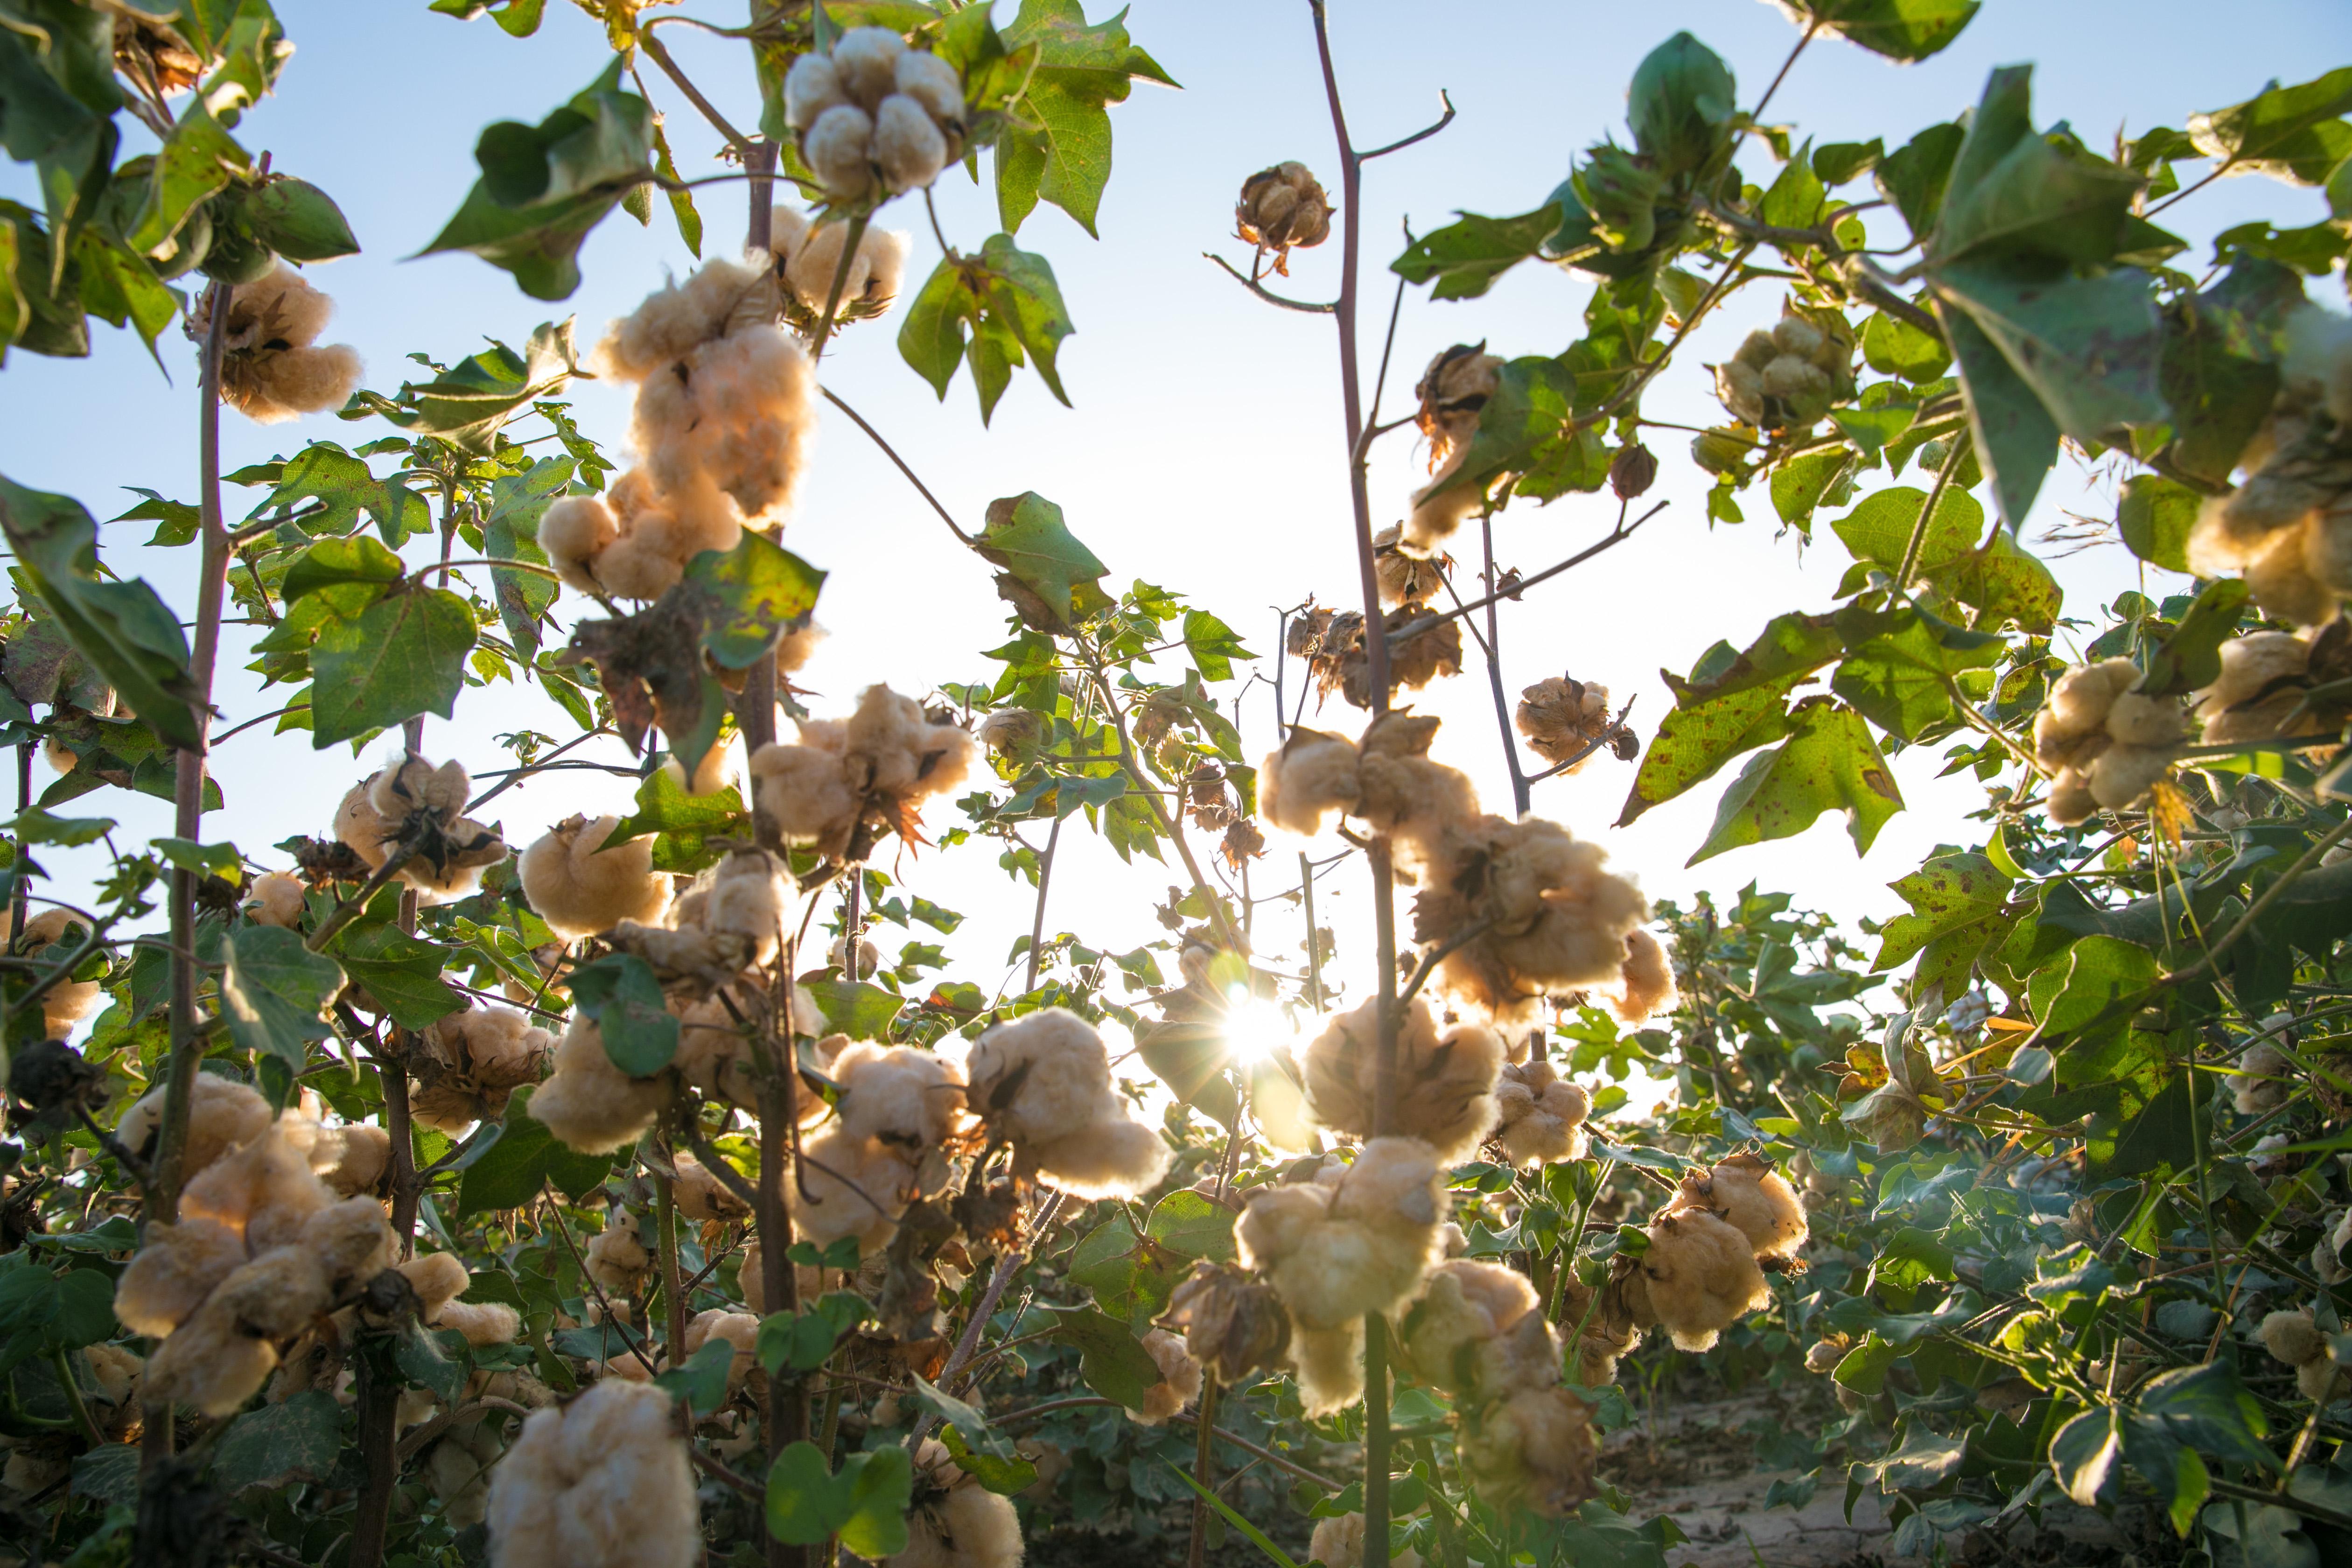 有机棉应该如何分辨,有机棉和普通棉怎么区分?